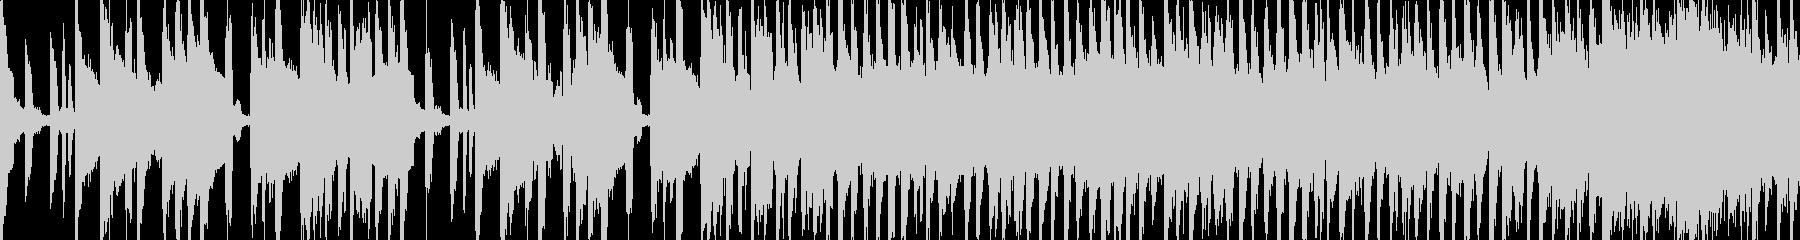 可愛く元気のある曲(Loop対応)の未再生の波形